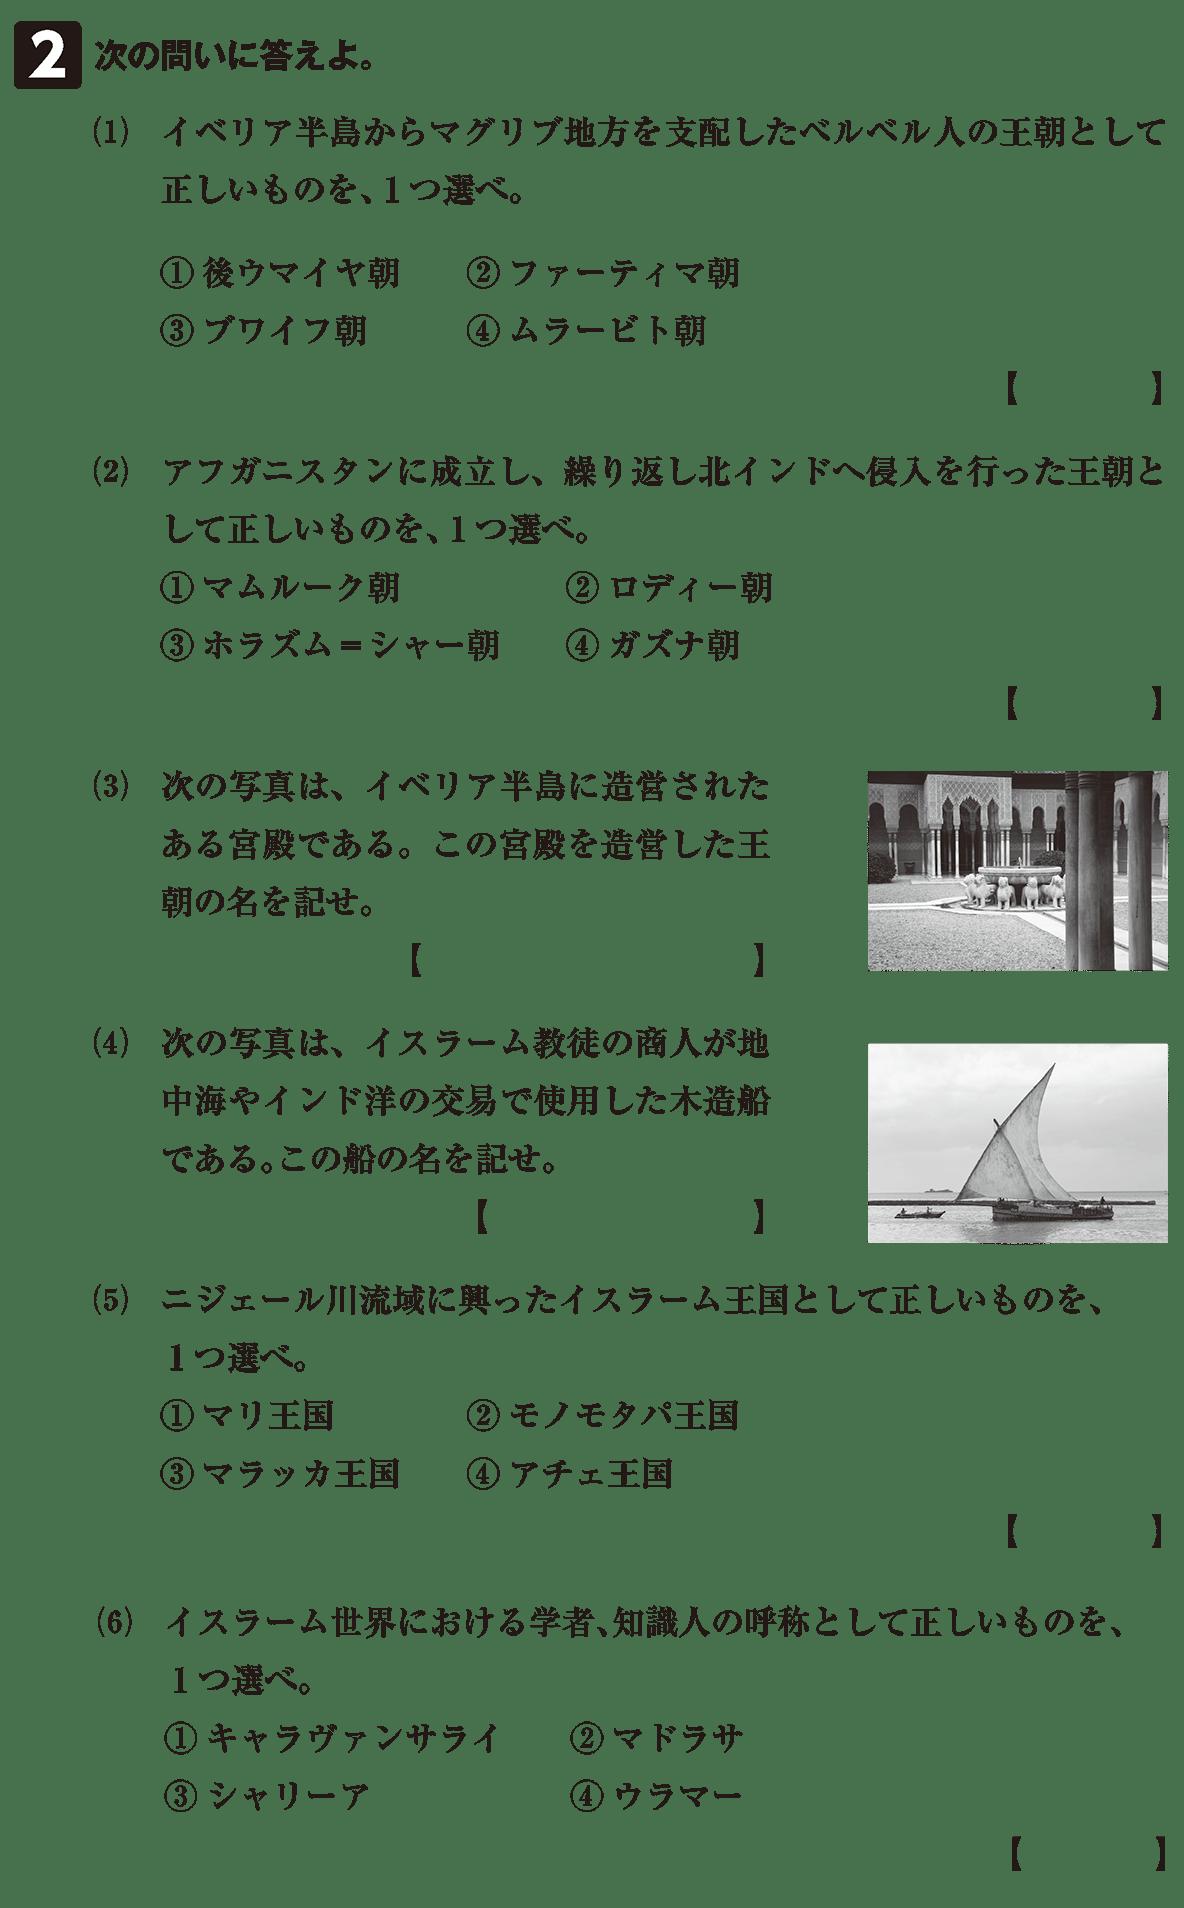 高校世界史 イスラーム世界8 確認テスト(後半)問題2